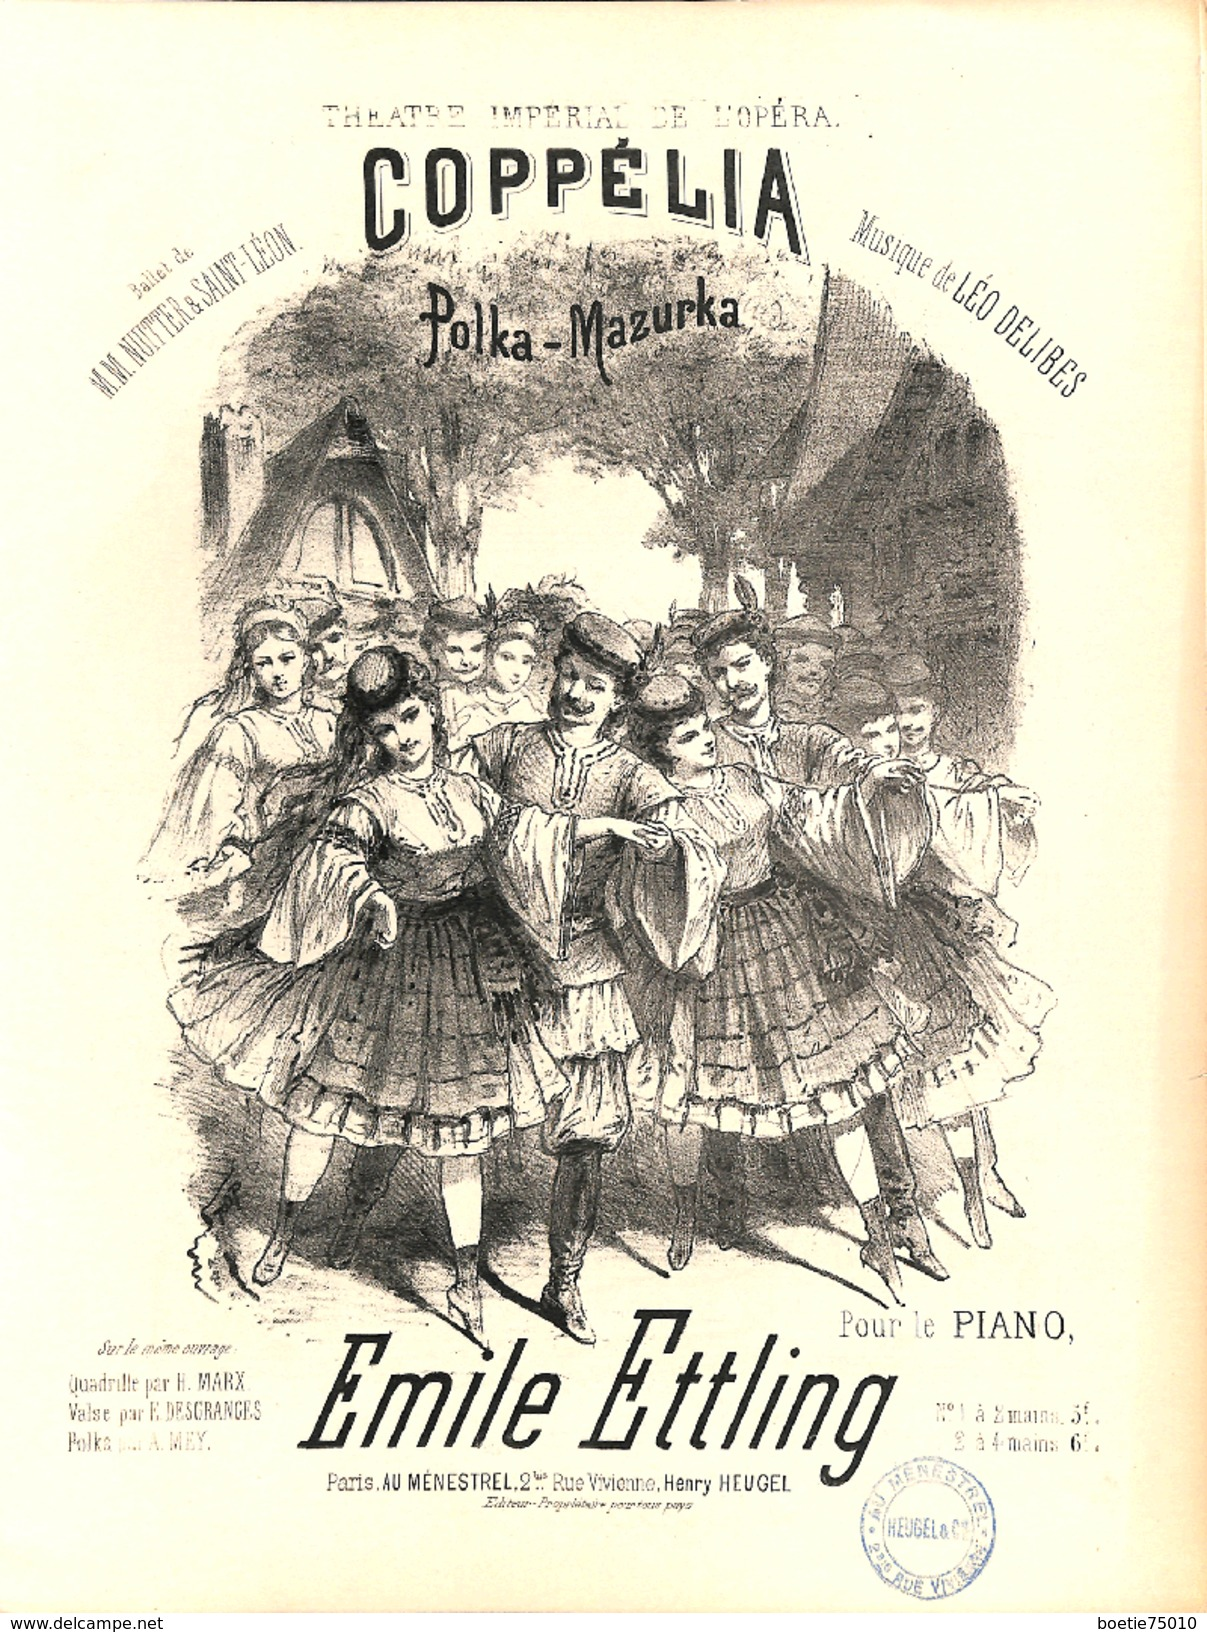 Coppélia, Polka-mazurka. Partition Ancienne, Grand Format, Couverture Illustrée. - Noten & Partituren